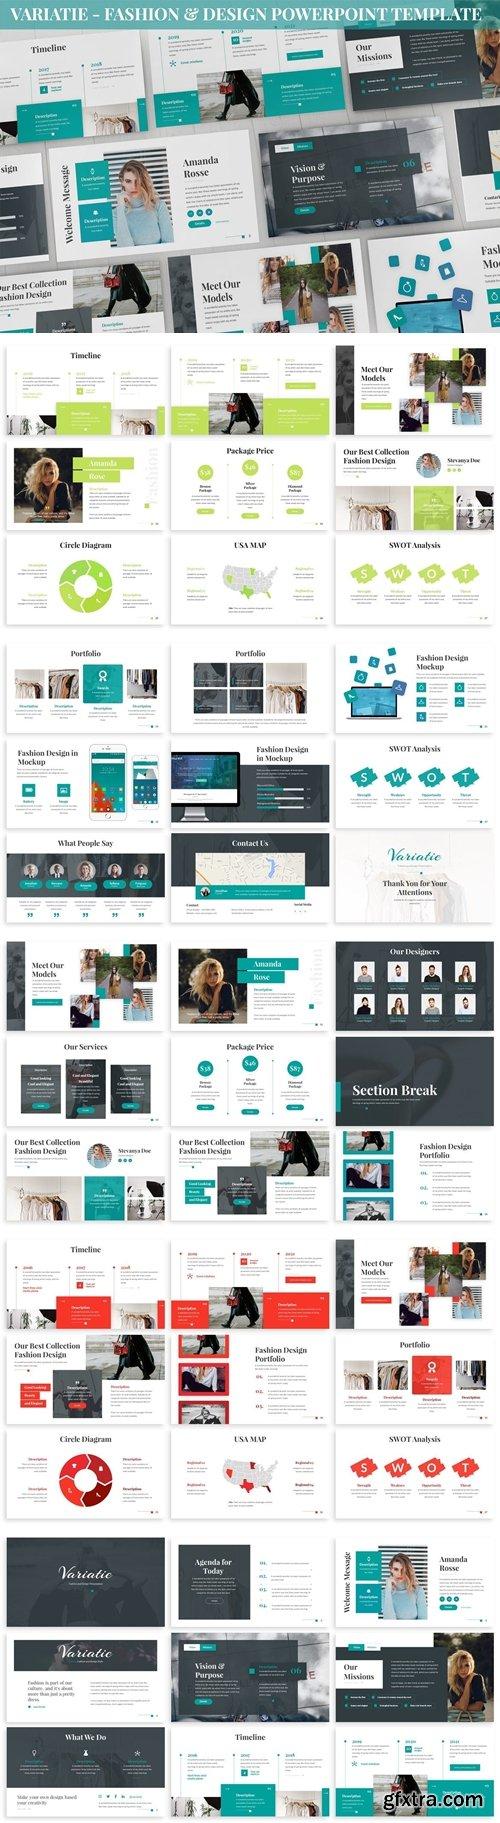 Variatie - Fashion & Design Powerpoint Template